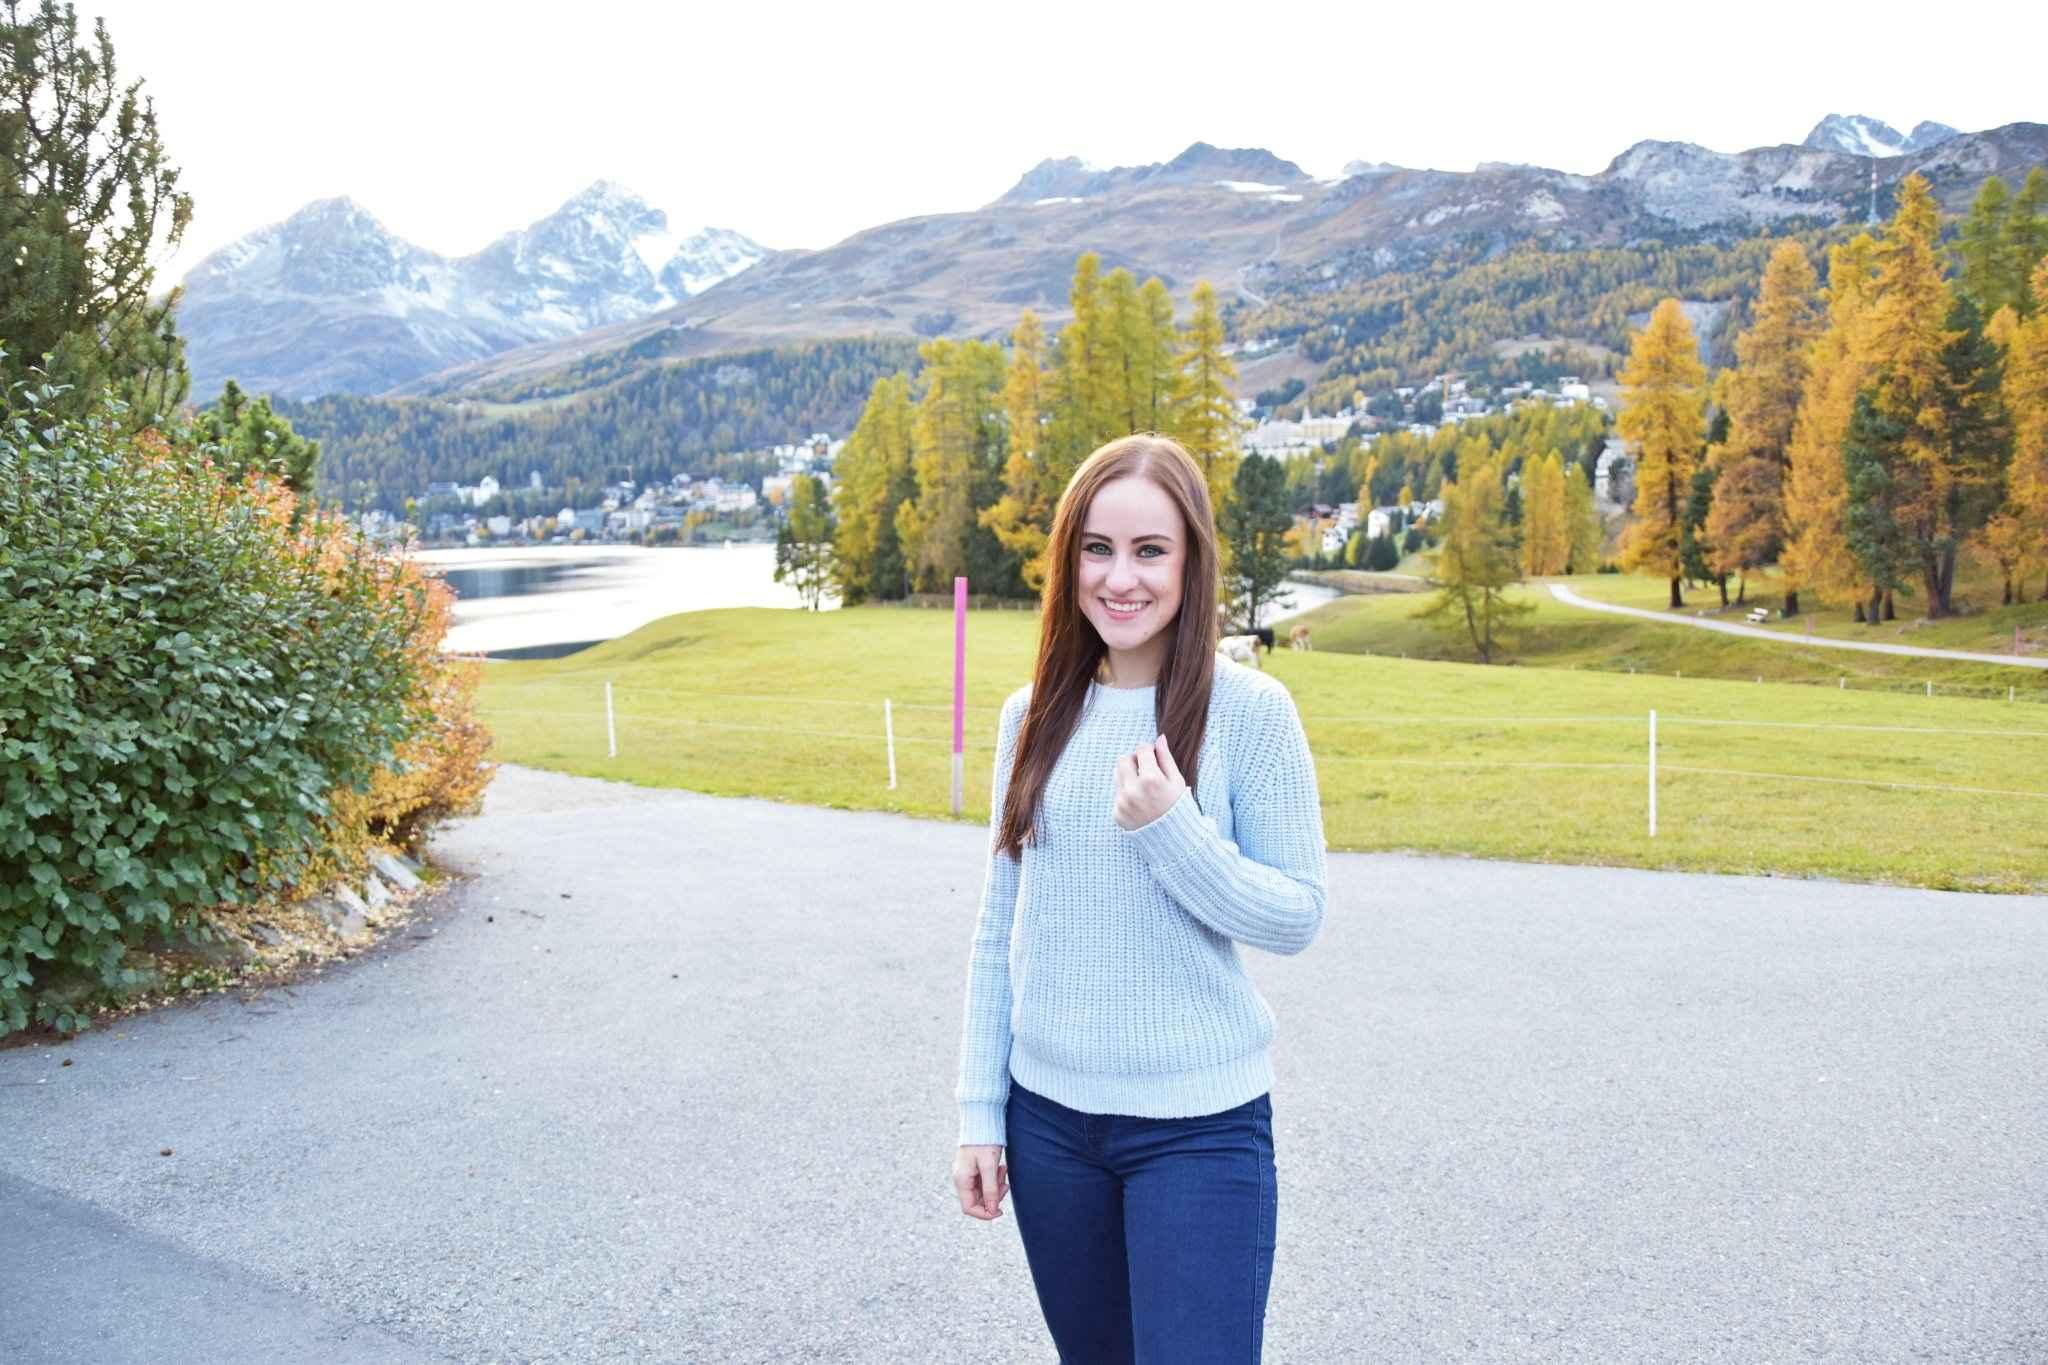 Meierei St. Moritz